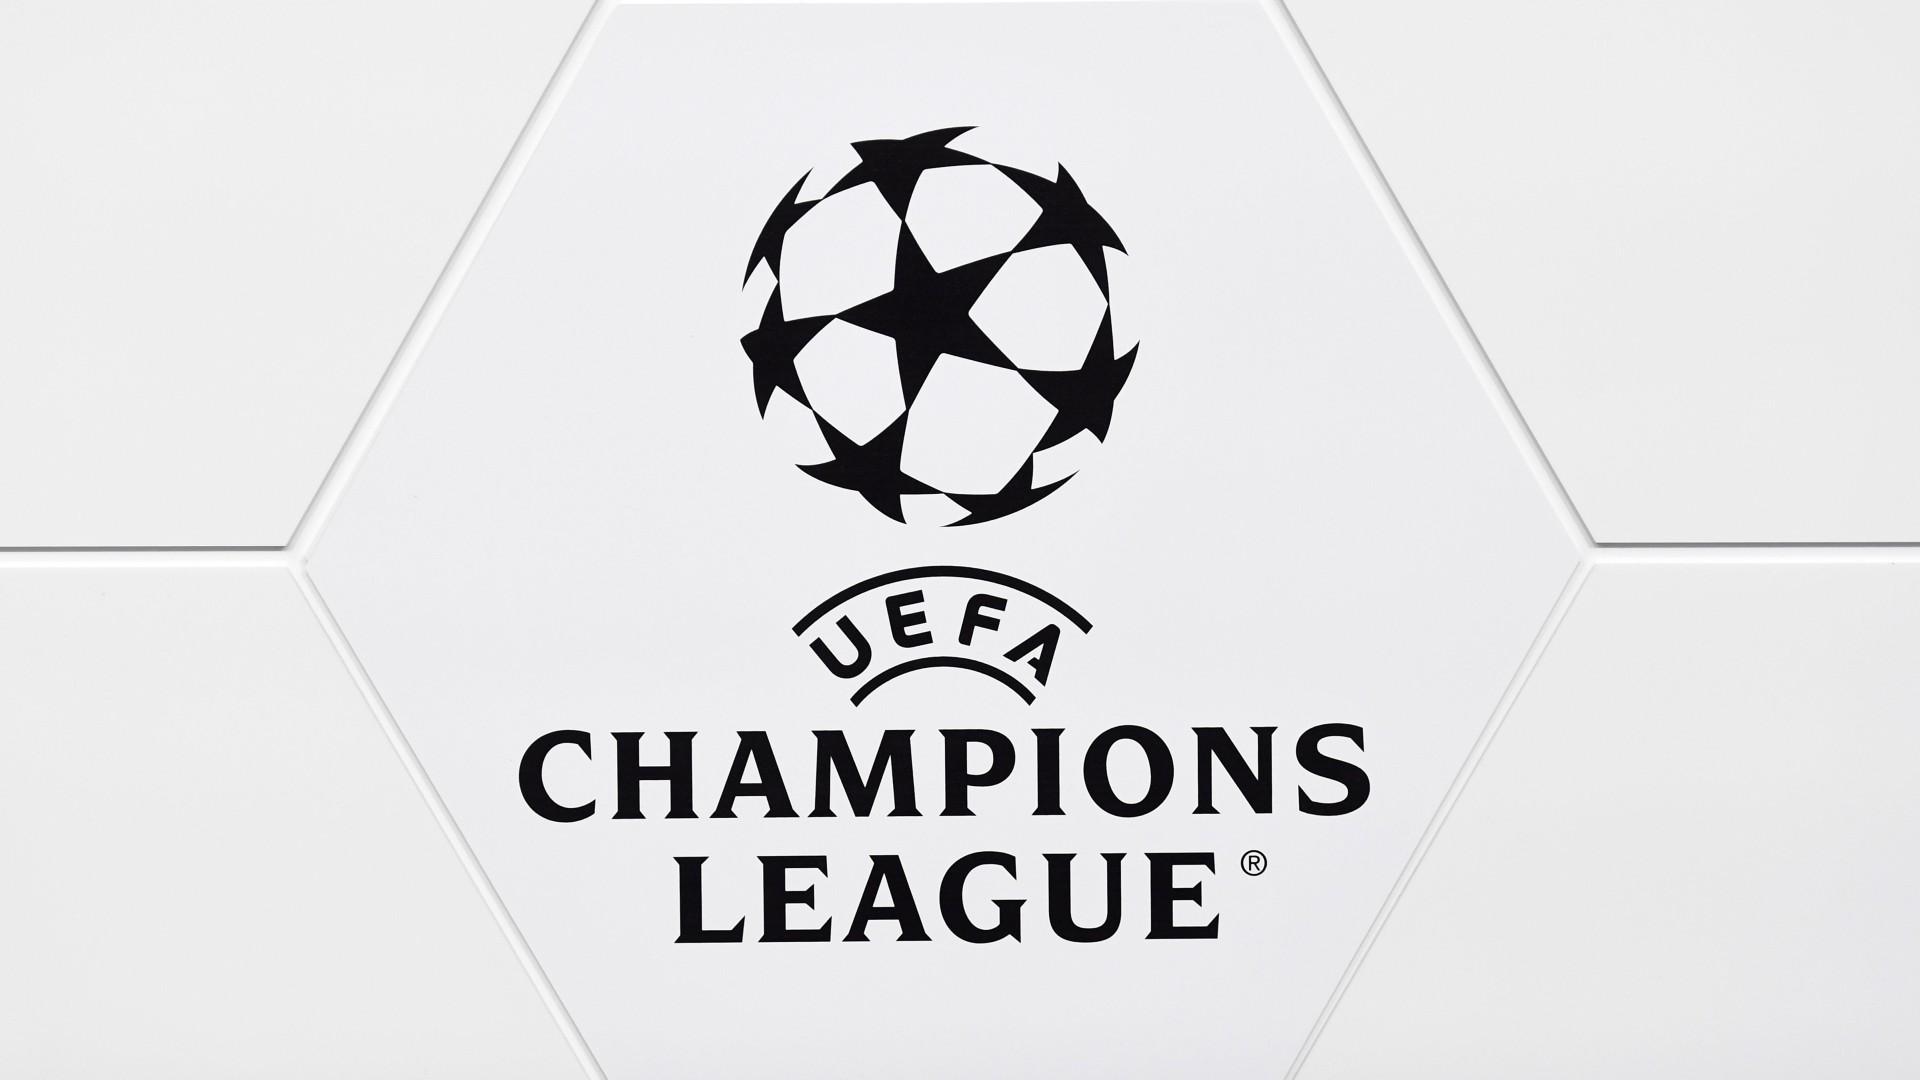 Uefa-champions-league-logo-2021_1b6gyapesdk3516m6igigv2x4r